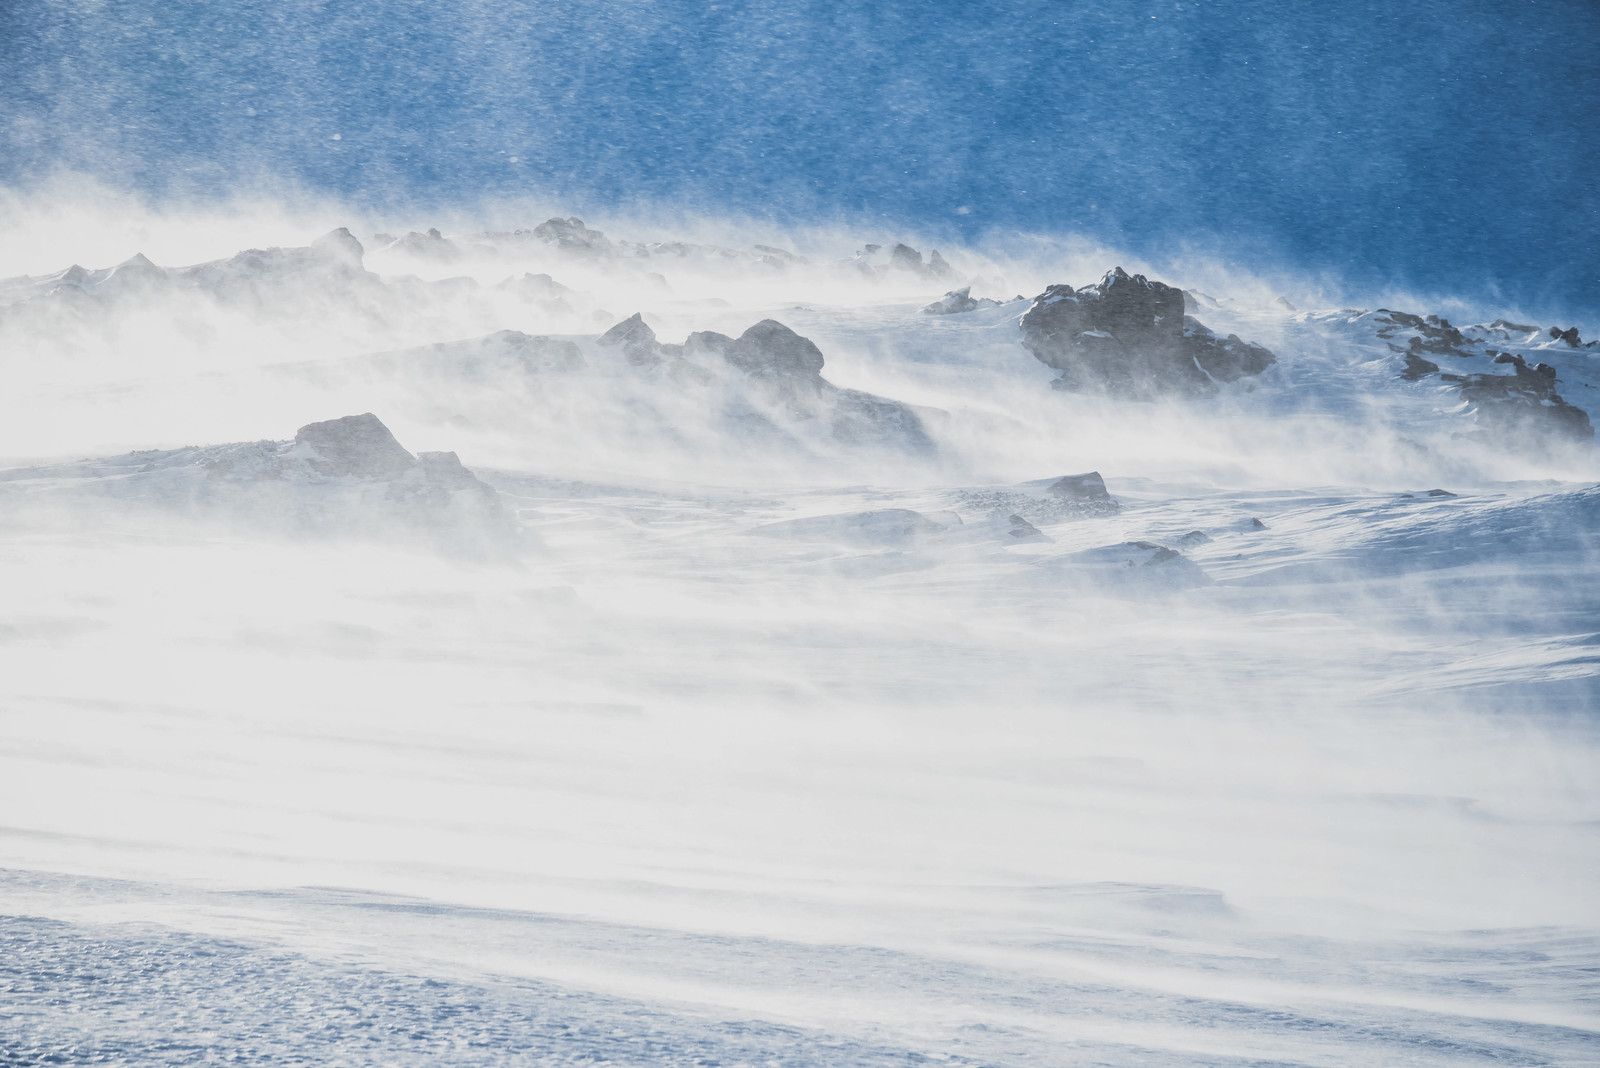 「冬山に舞い上がる雪煙(ユキケムリ)」の写真